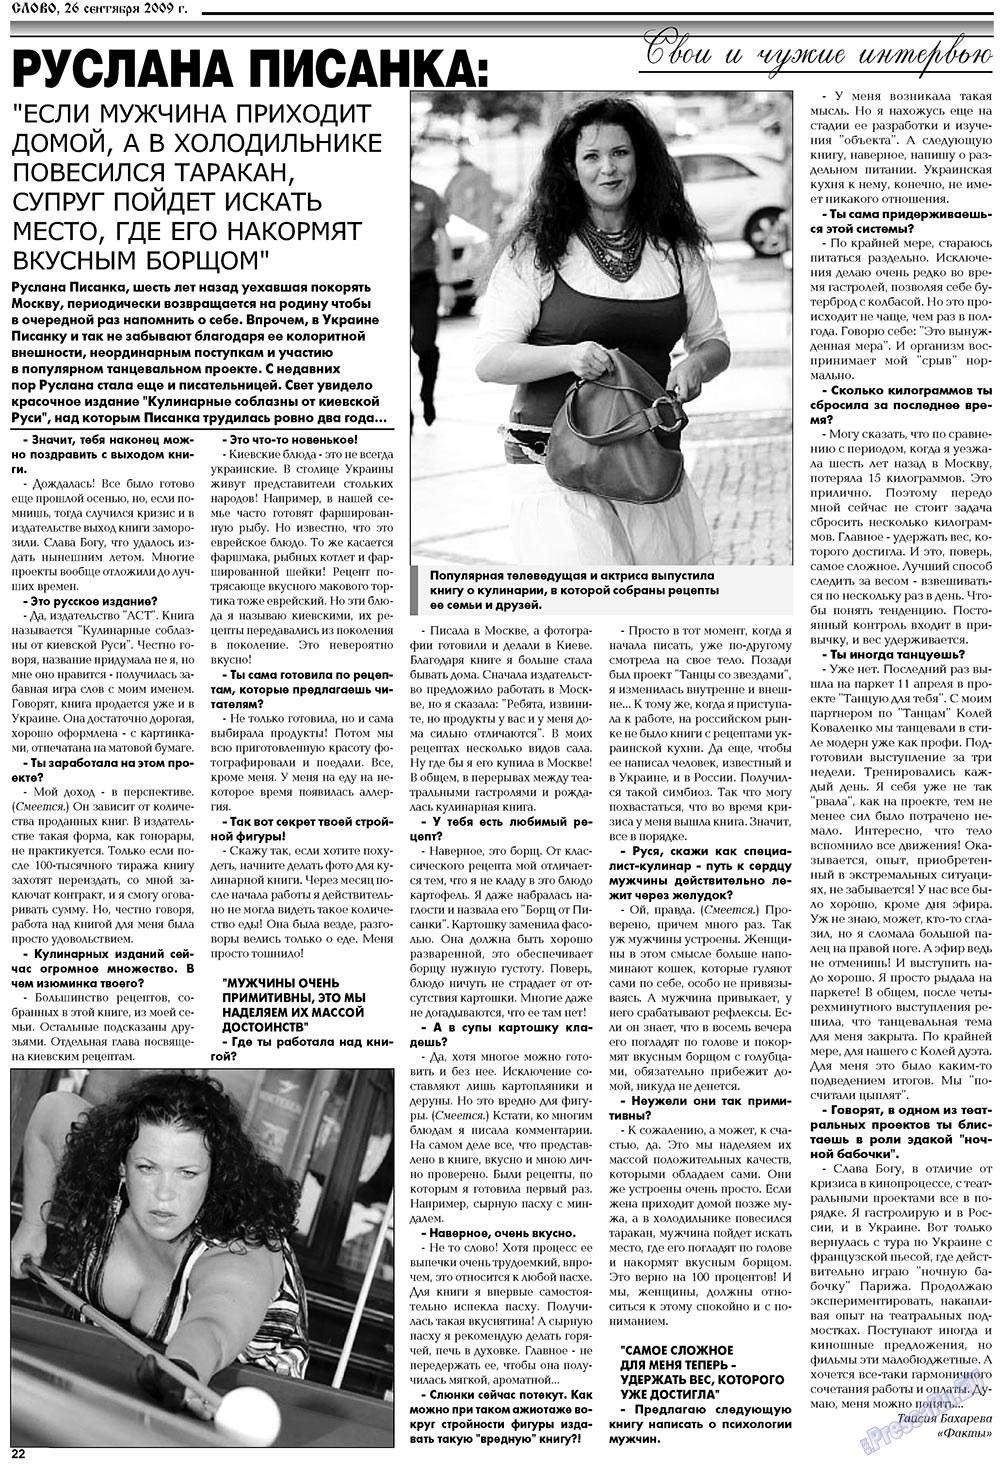 Слово (газета). 2009 год, номер 39, стр. 22